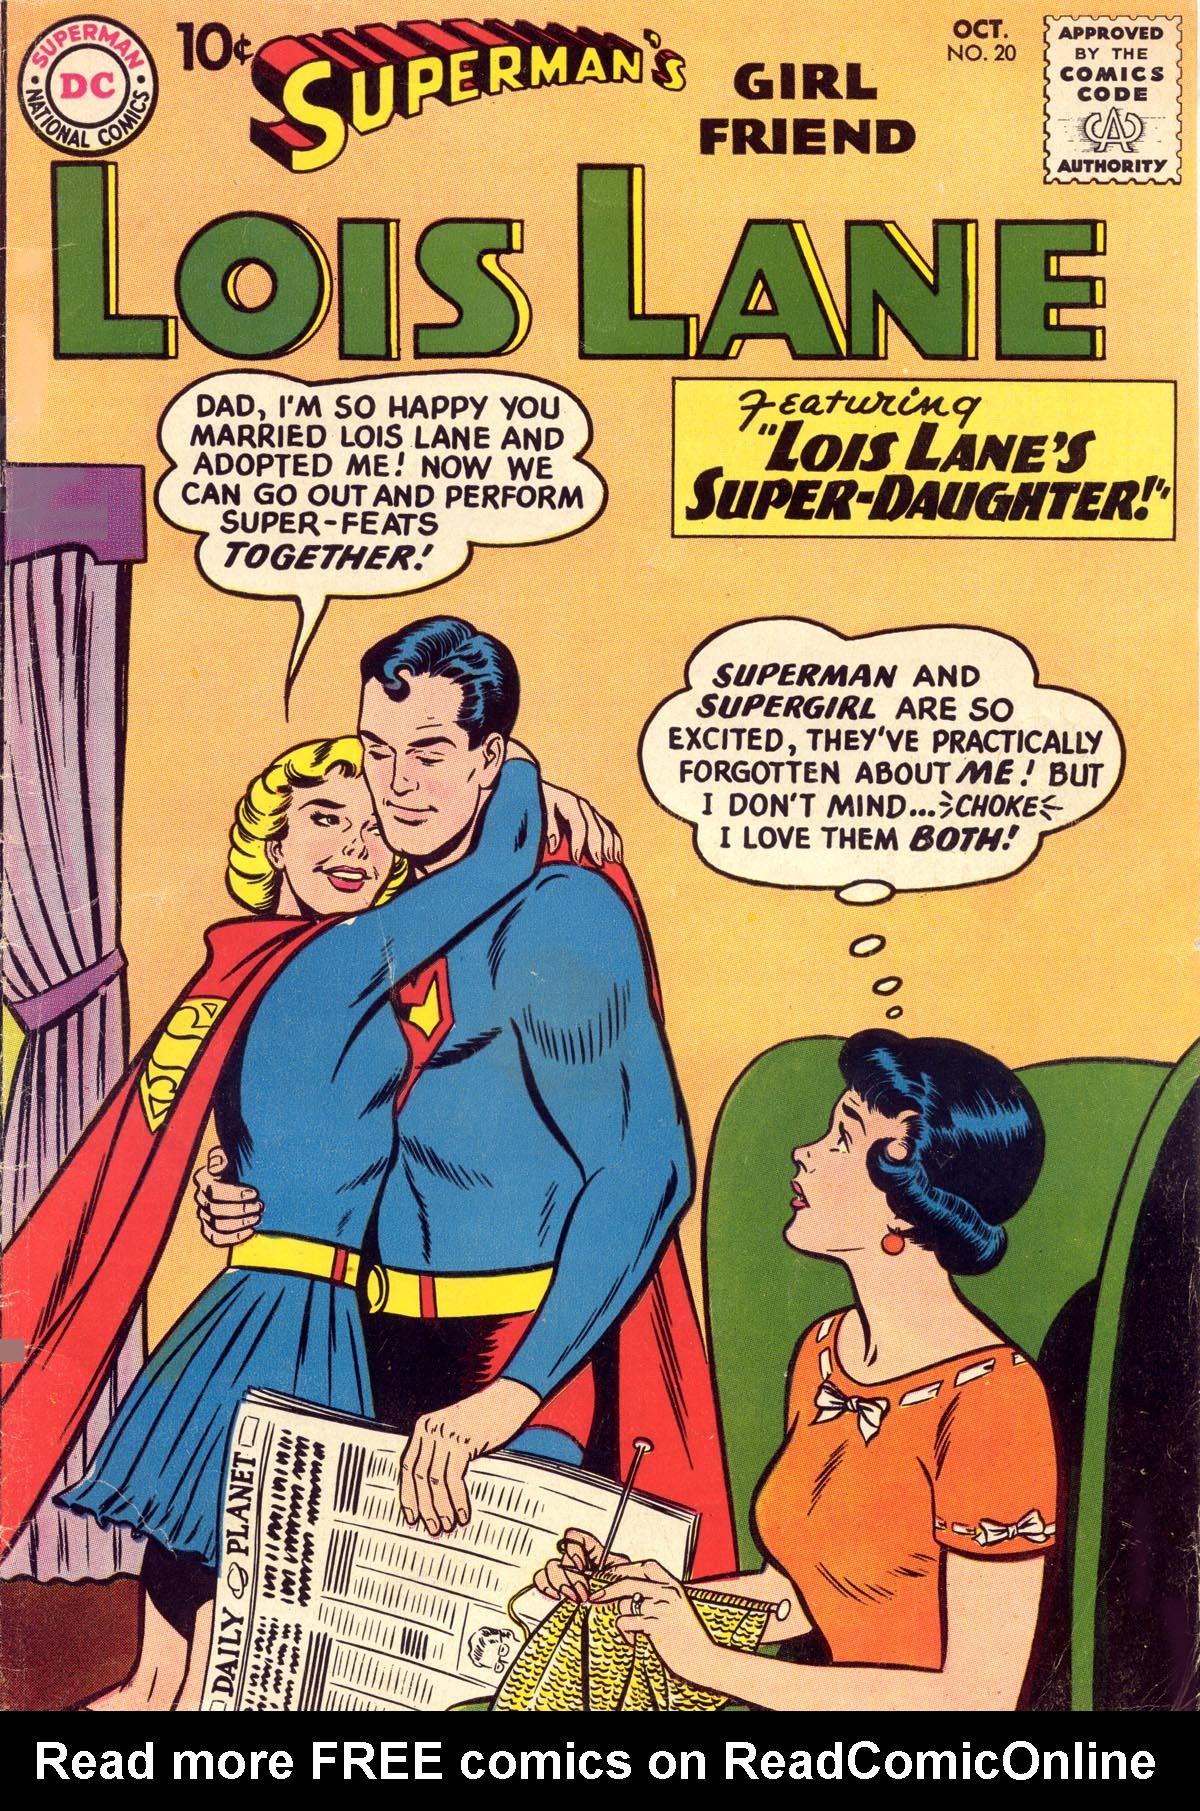 Supermans Girl Friend, Lois Lane 20 Page 1